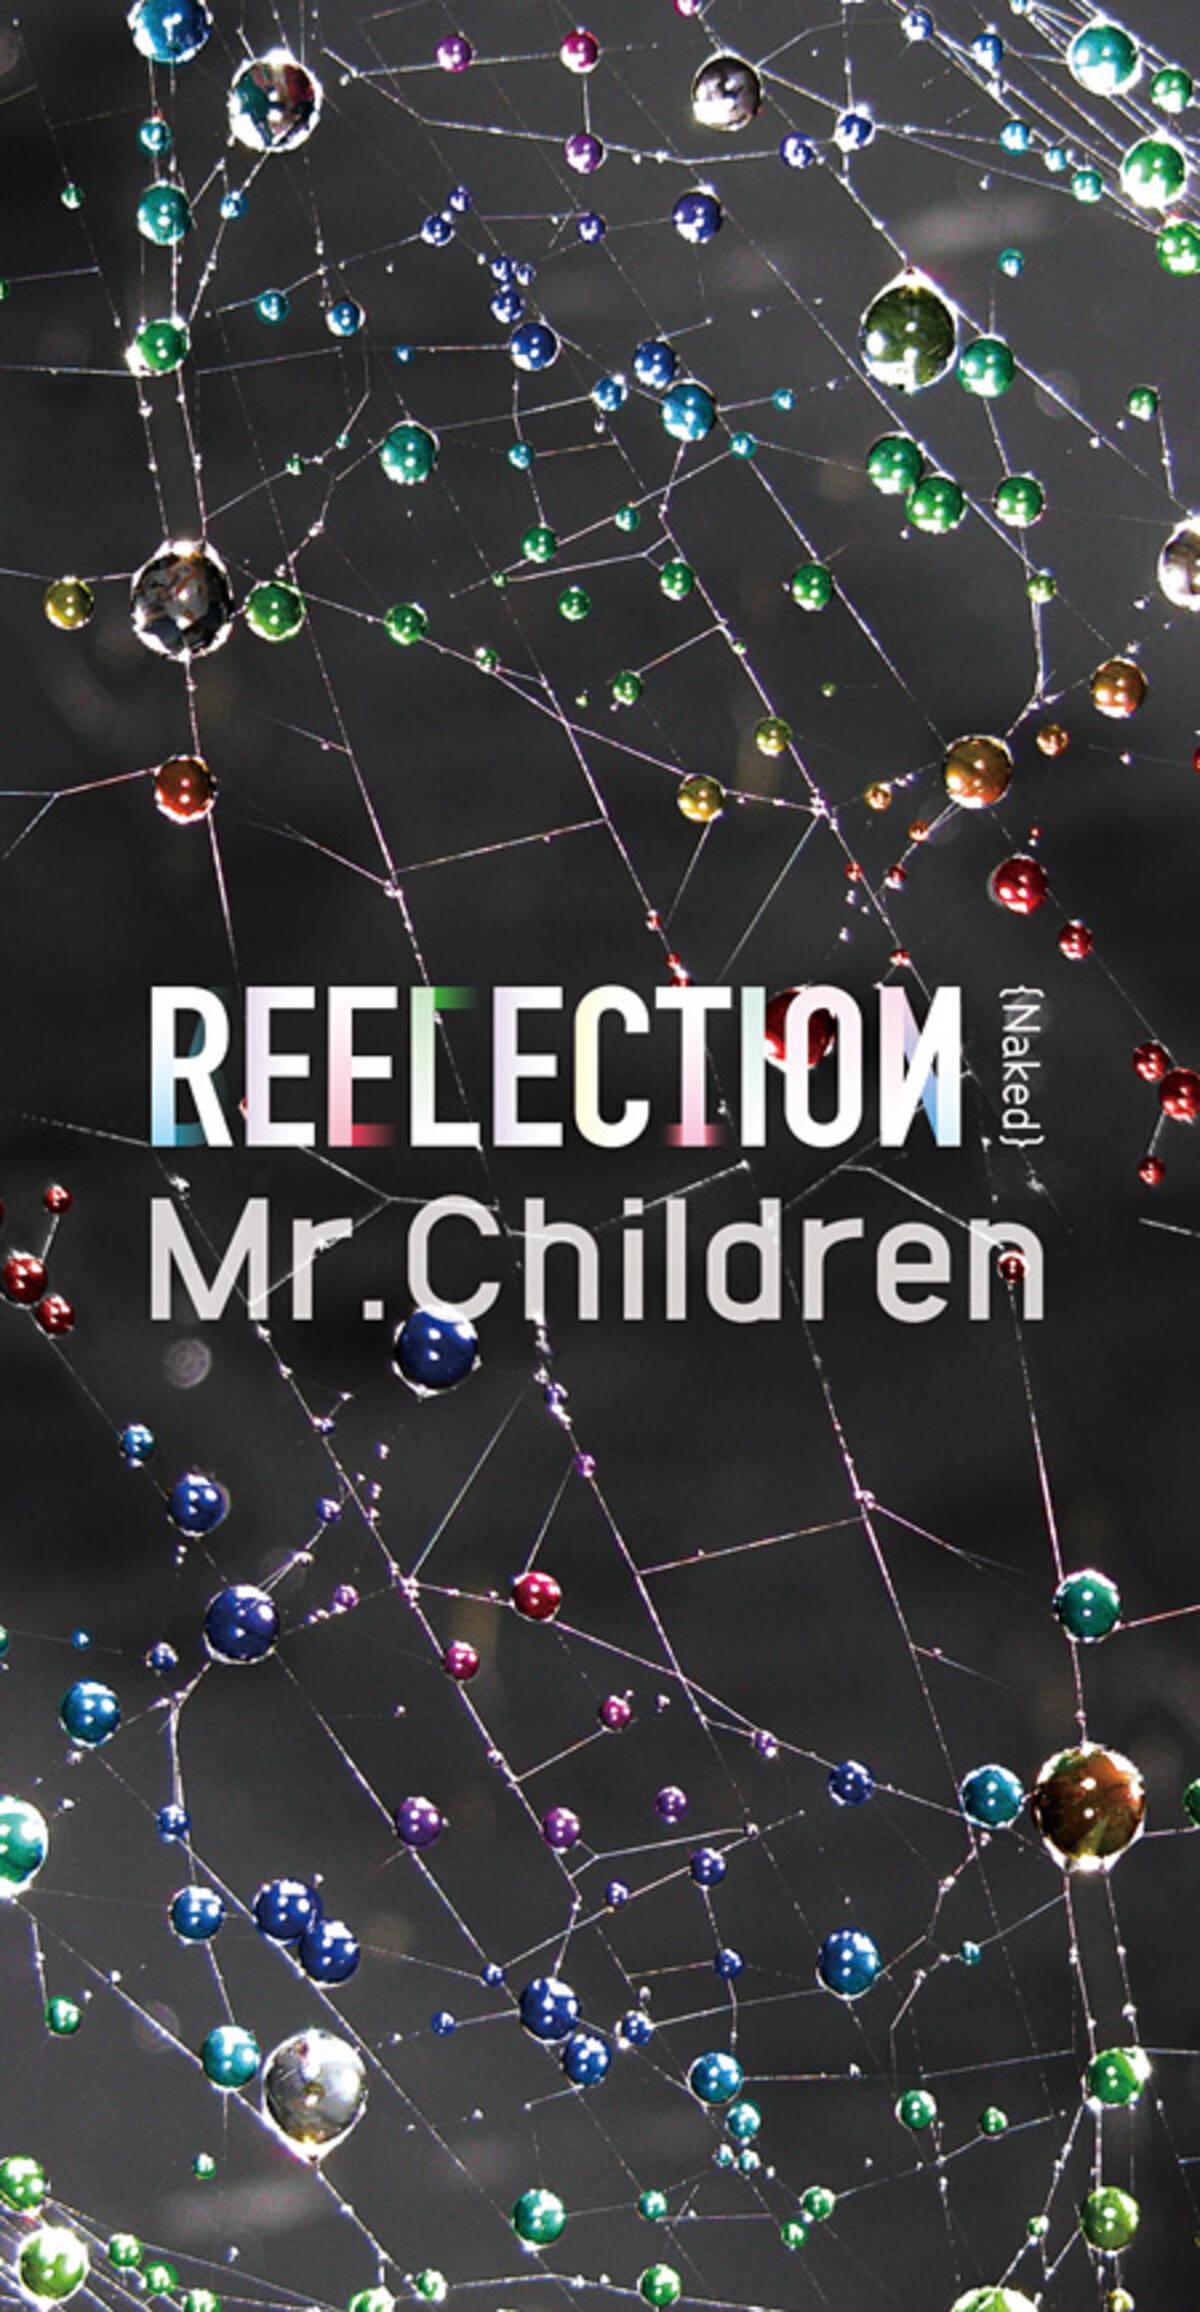 ミスチル新アルバム Reflection 詳細 ハイレゾ音源23曲入りusbなど3